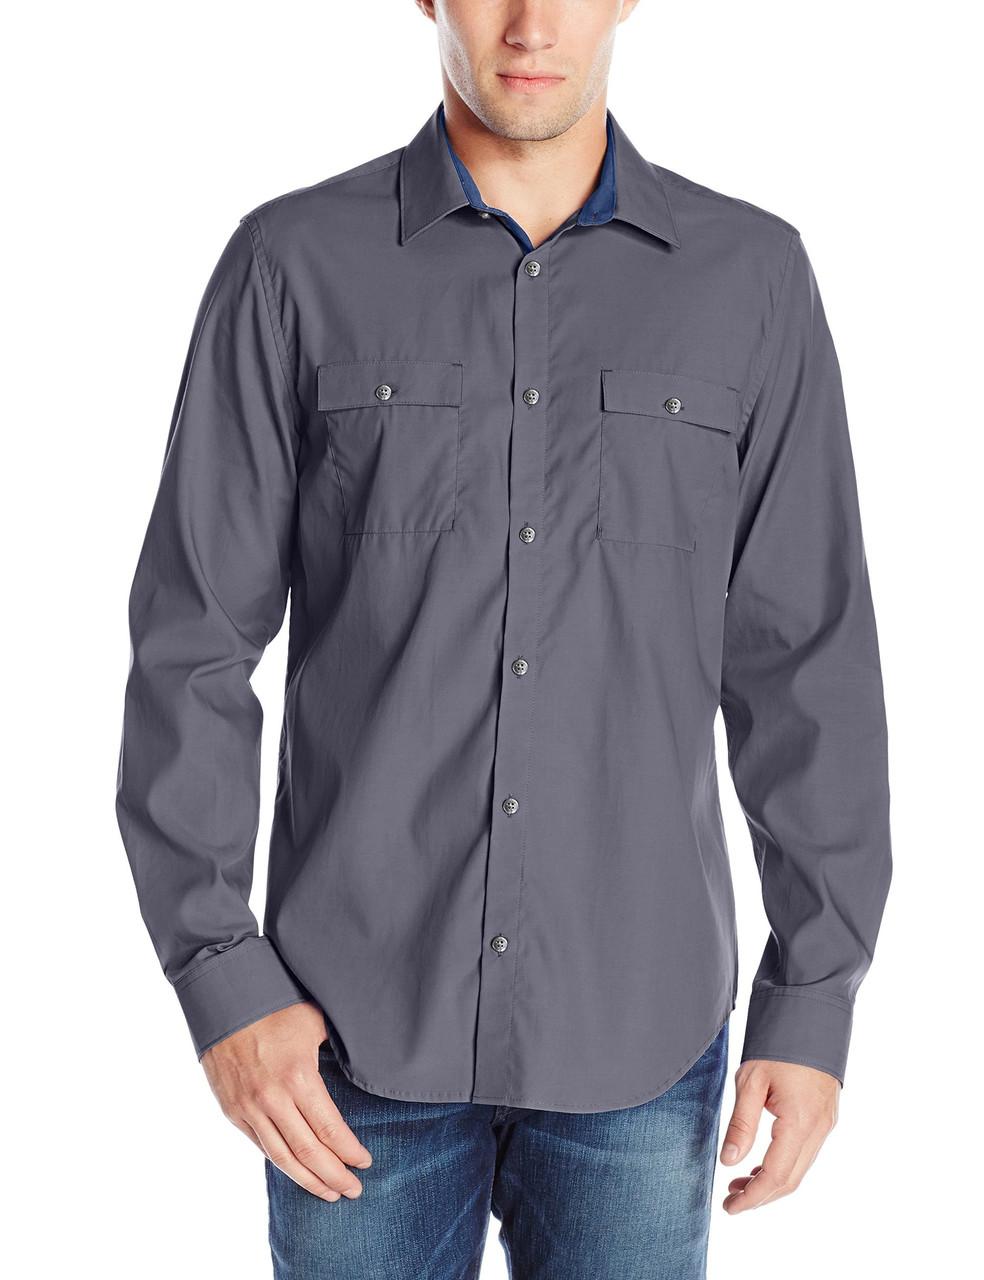 Рубашка Calvin Klein Jeans, M, Quiet Shade, 40QW185-078